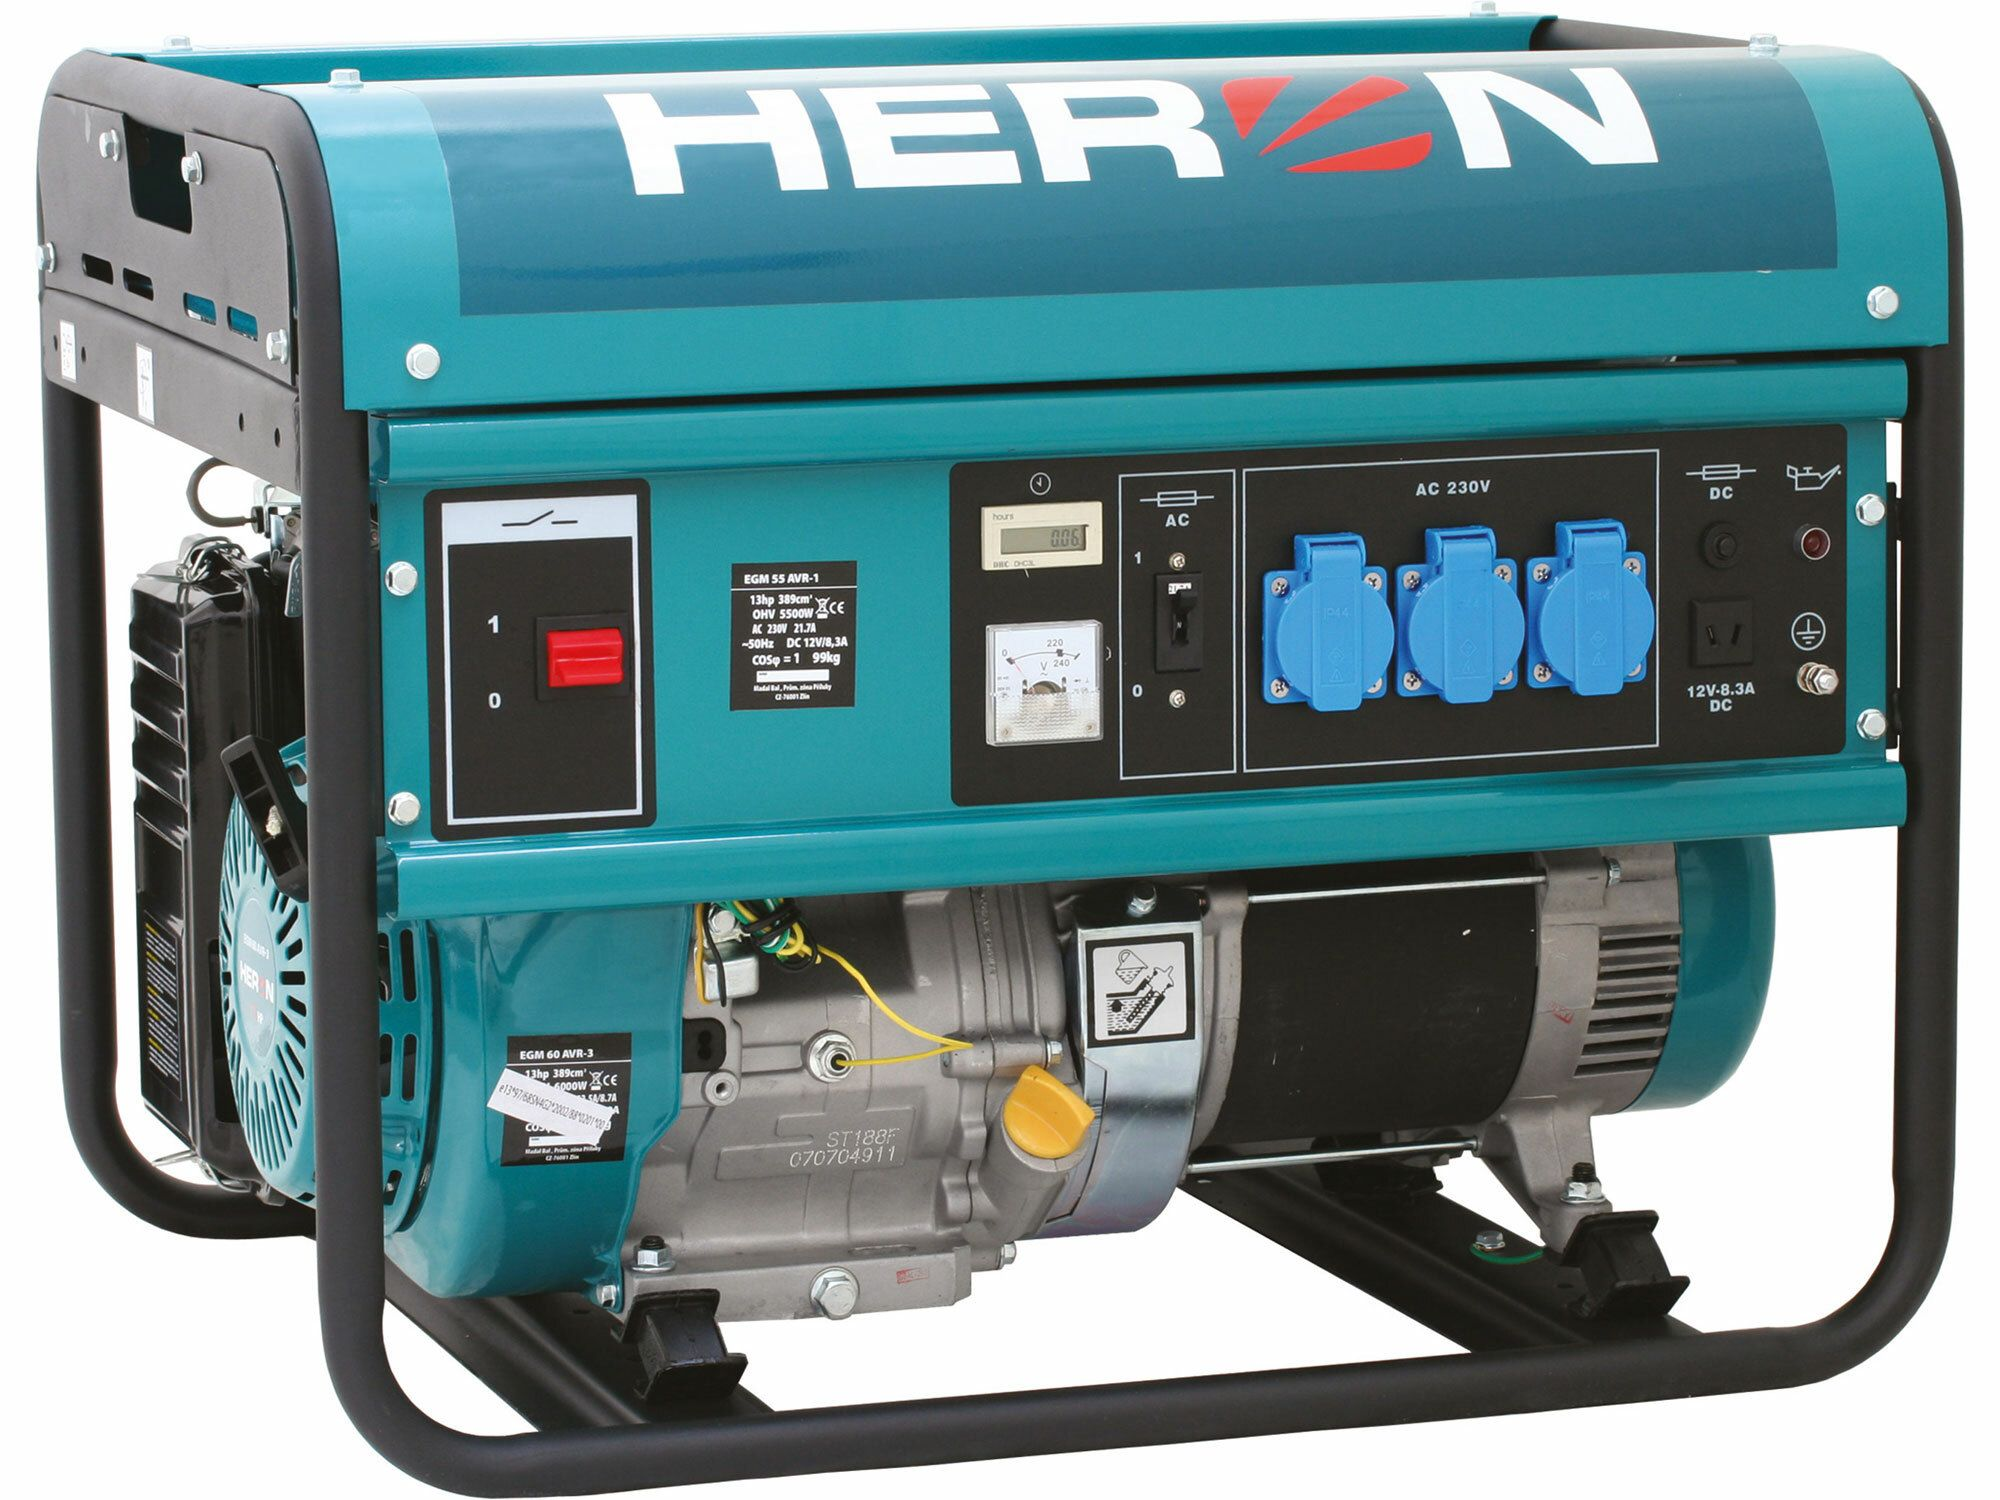 Elektrocentrála benzínová 13HP, na zváranie, 5,5kW, HERON, EGM 55 AVR-1, 8896113